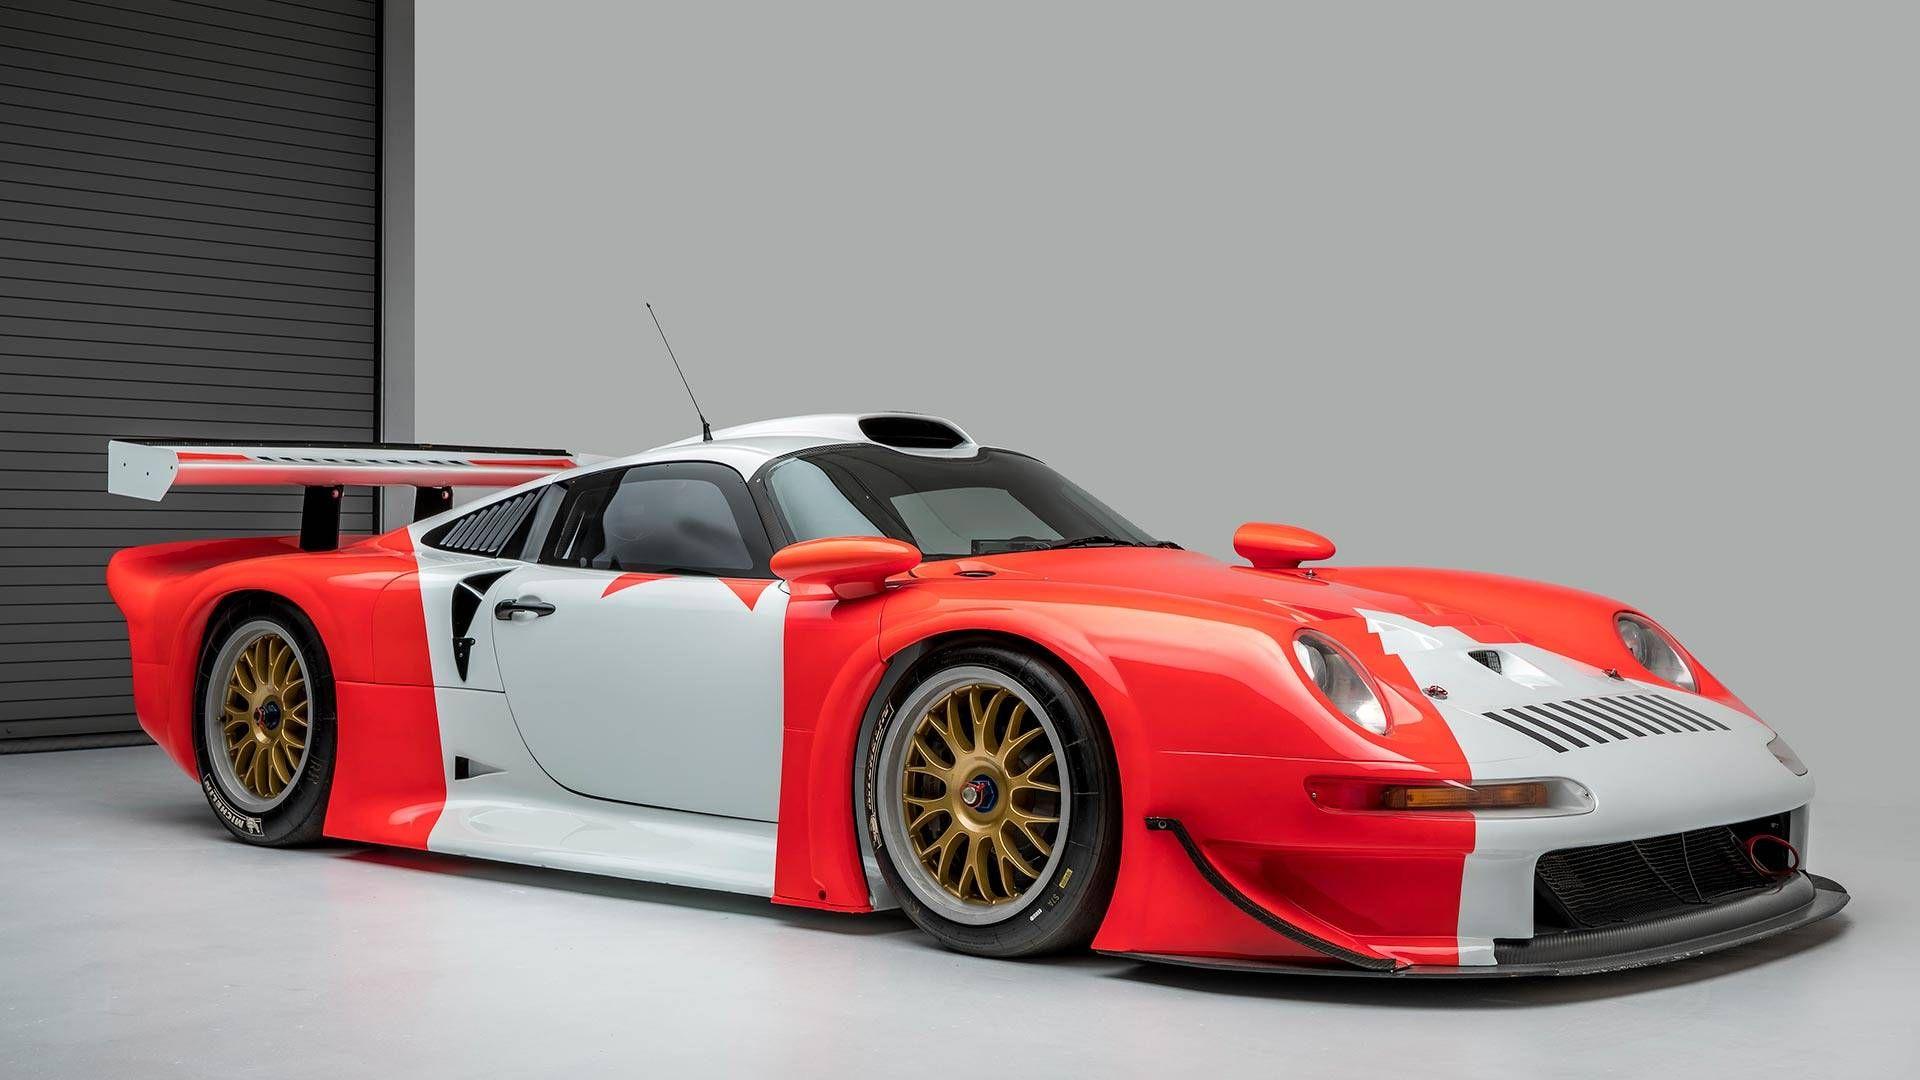 Porsche Gt1 Porsche Beautiful Cars Porsche 911